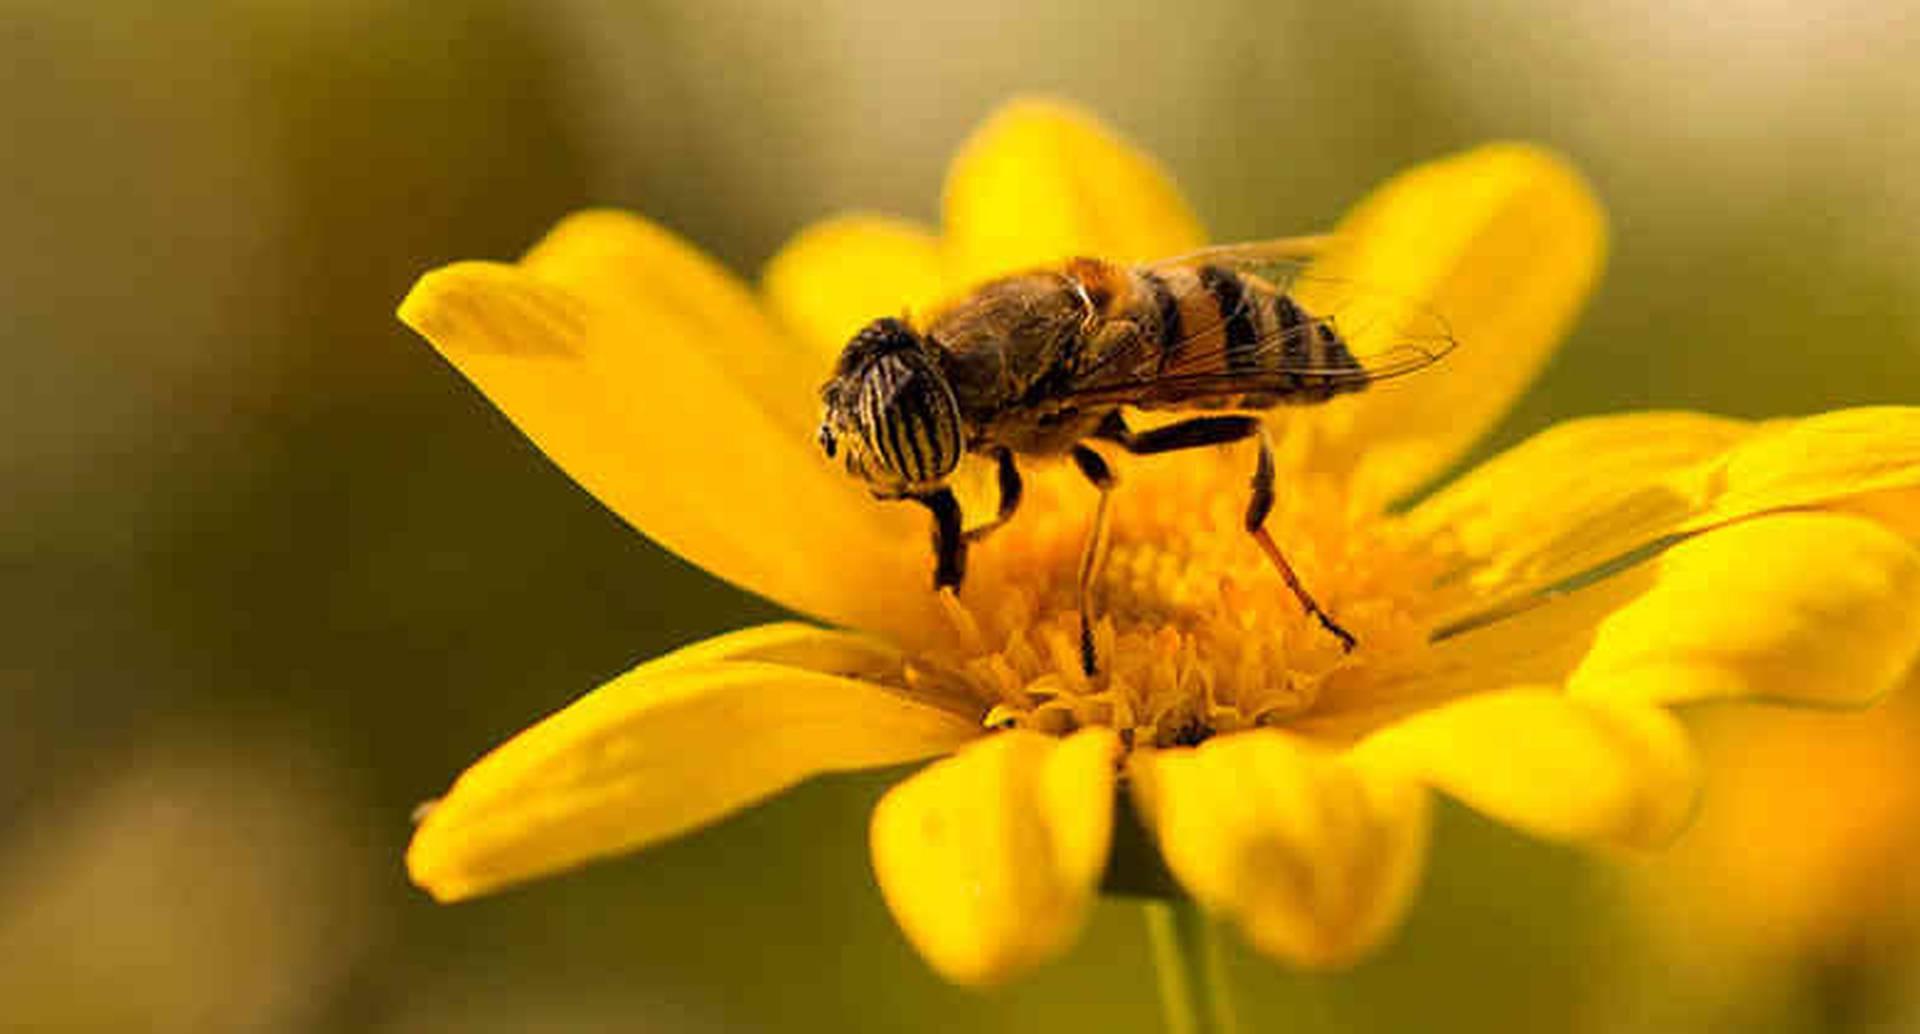 Con la disminución de los polinizadores, algunos agricultores han acudido al alquiler de abejas o a la polinización manual, como es el caso de árboles frutales en algunas regiones de China.